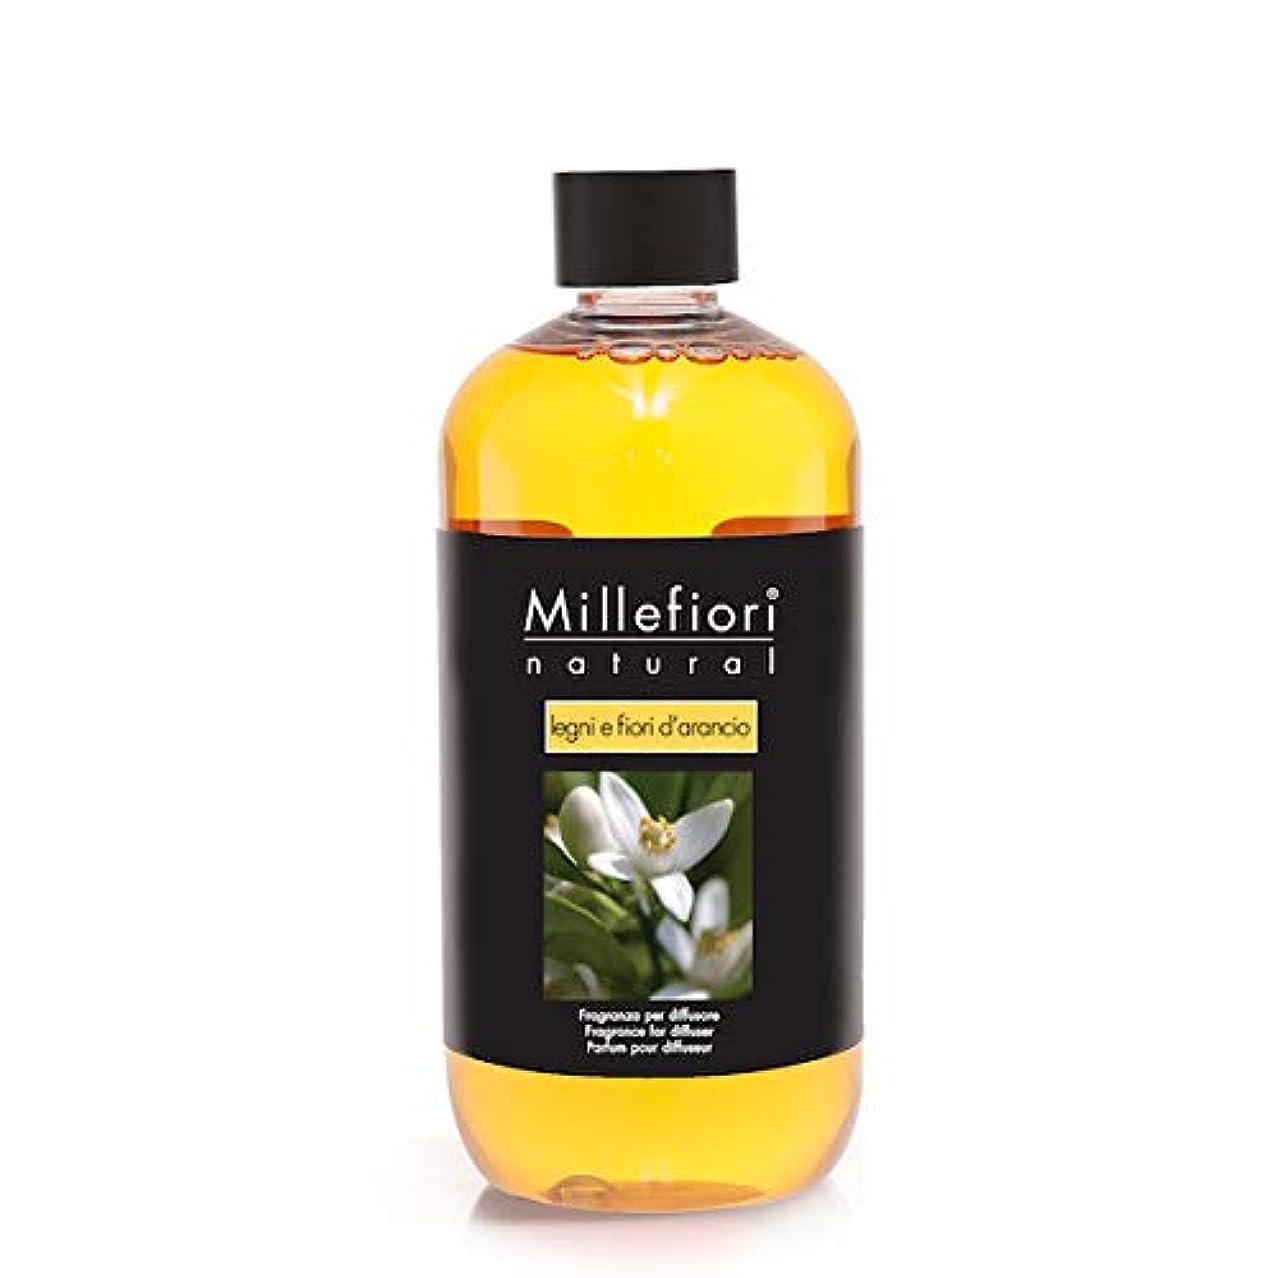 降ろすハシーすべきミッレフィオーリ(Millefiori) Natural レンニ エ フィオル ダランチョ(LEGNI E FIORE D'ARANCIO) 交換用リフィル500ml [並行輸入品]